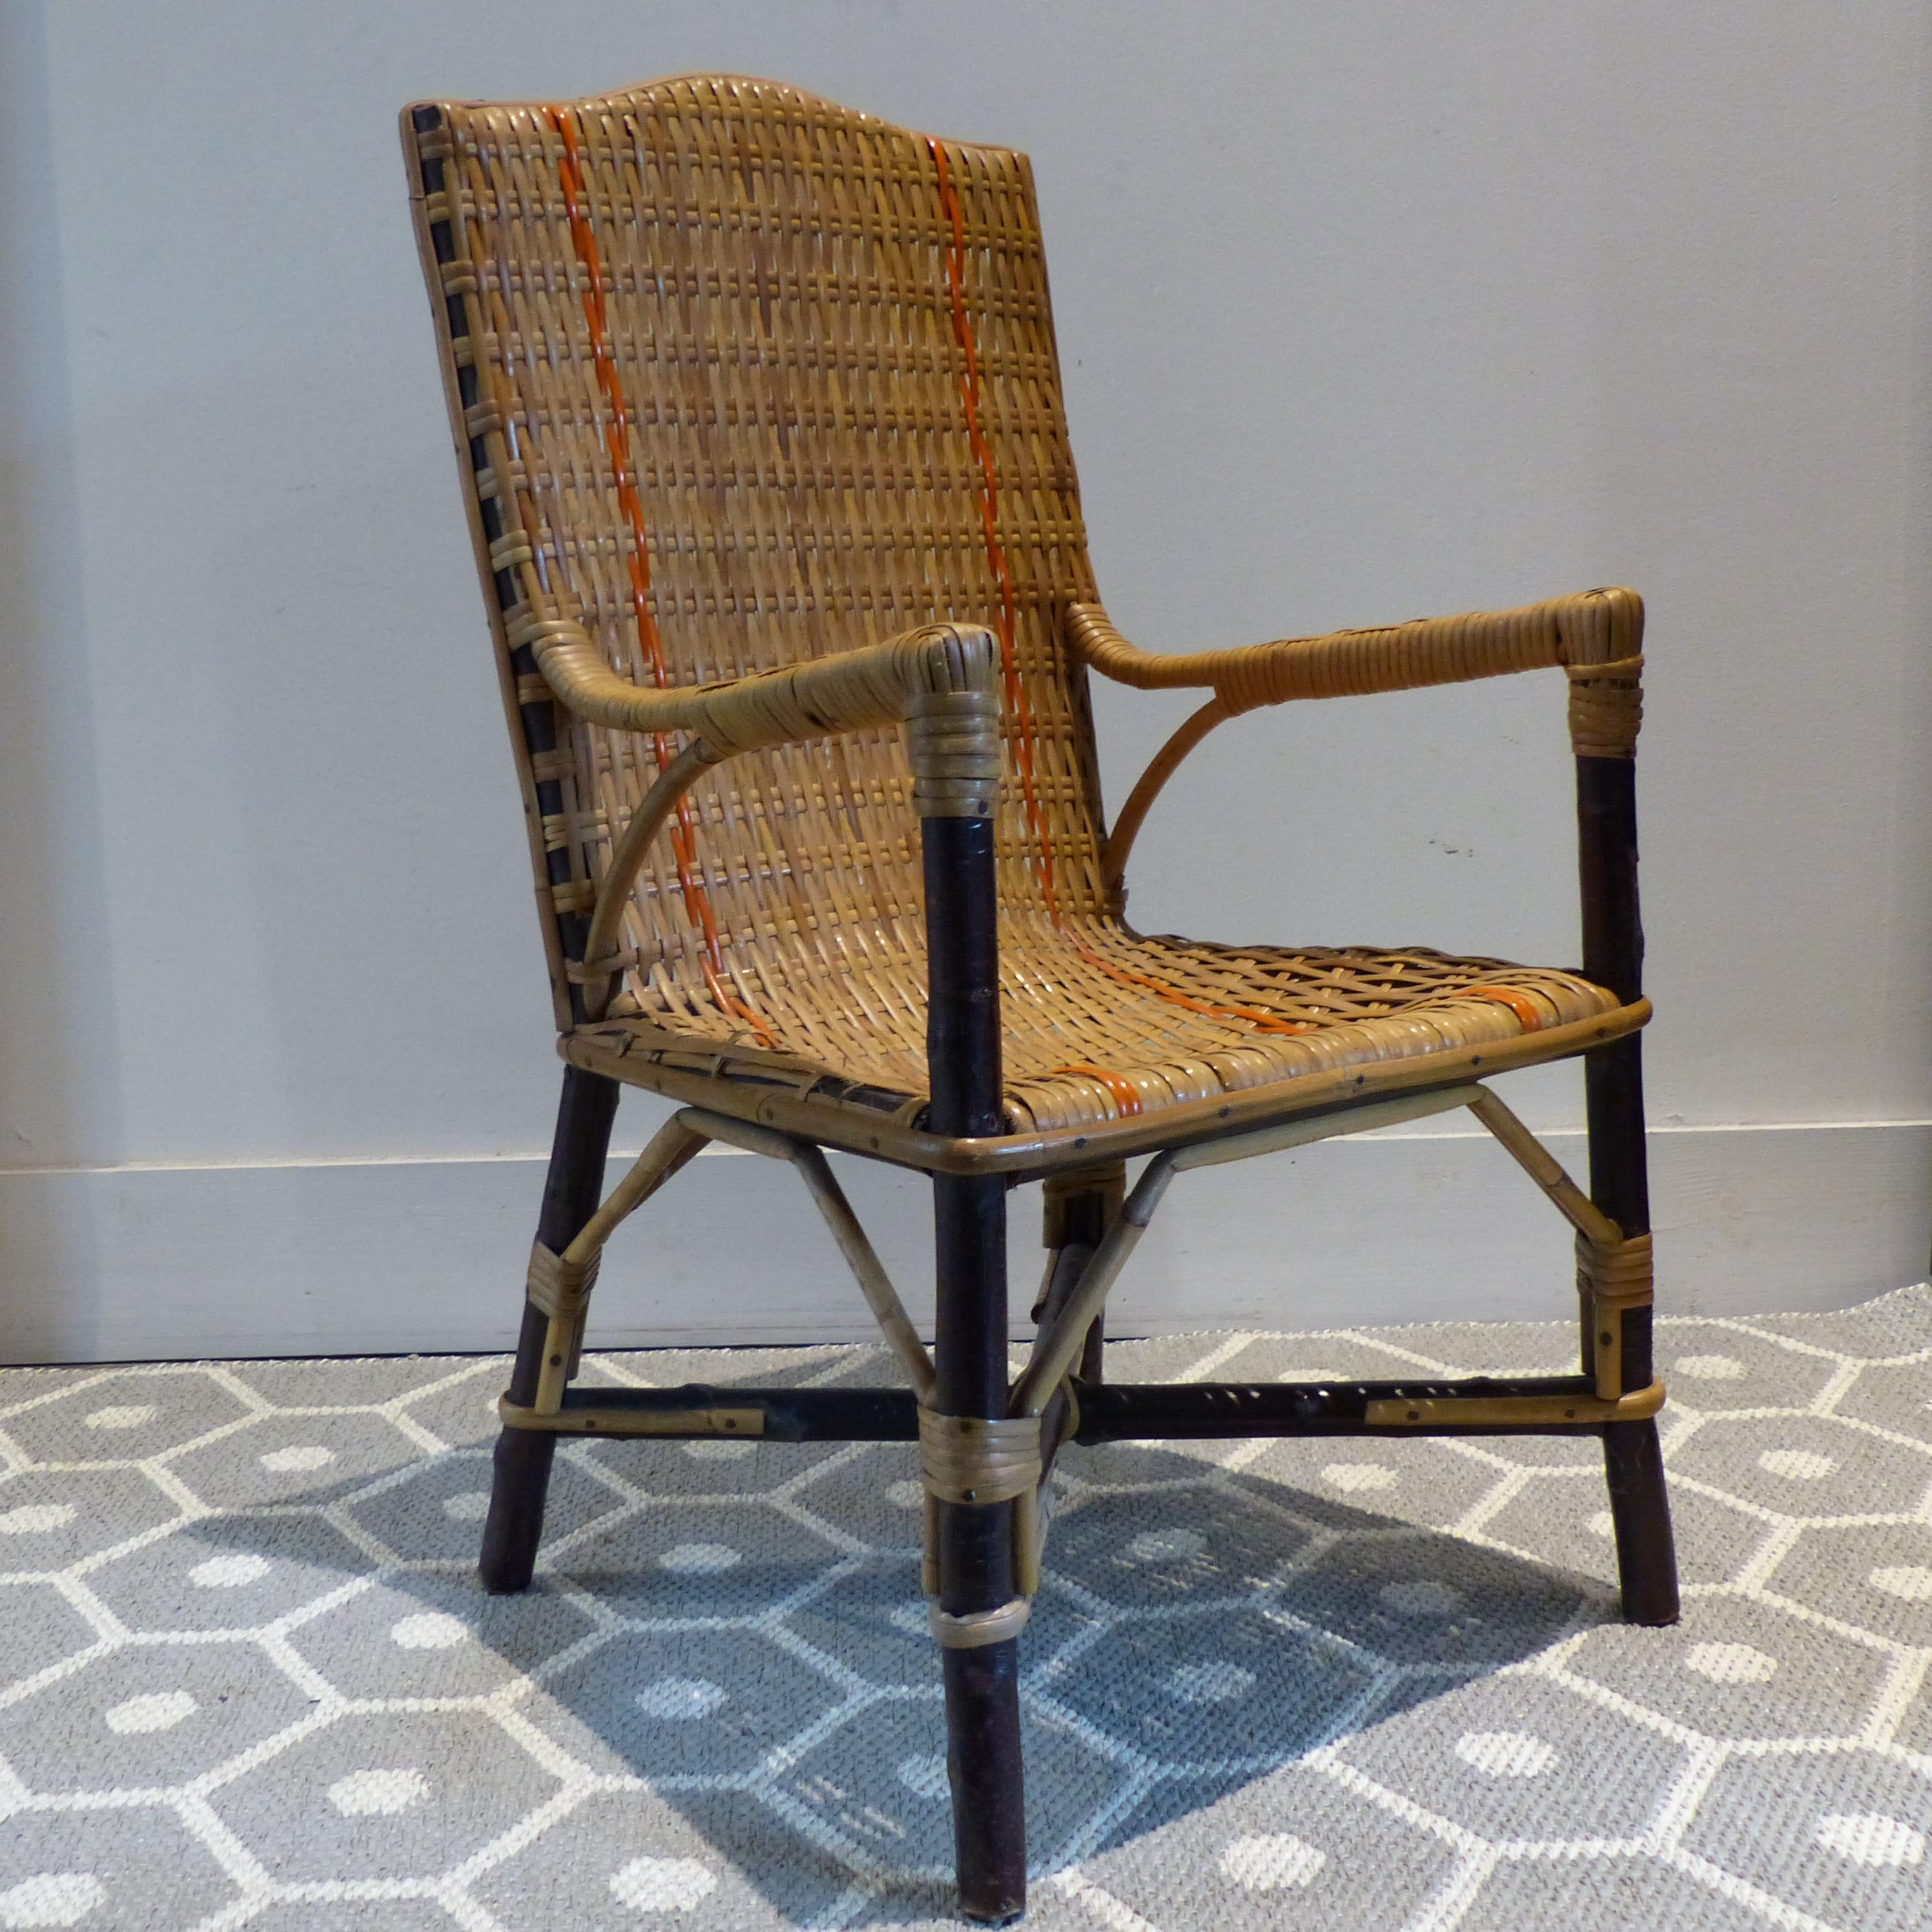 fauteuil en rotin pour enfant lignedebrocante brocante en ligne chine pour vous meubles. Black Bedroom Furniture Sets. Home Design Ideas